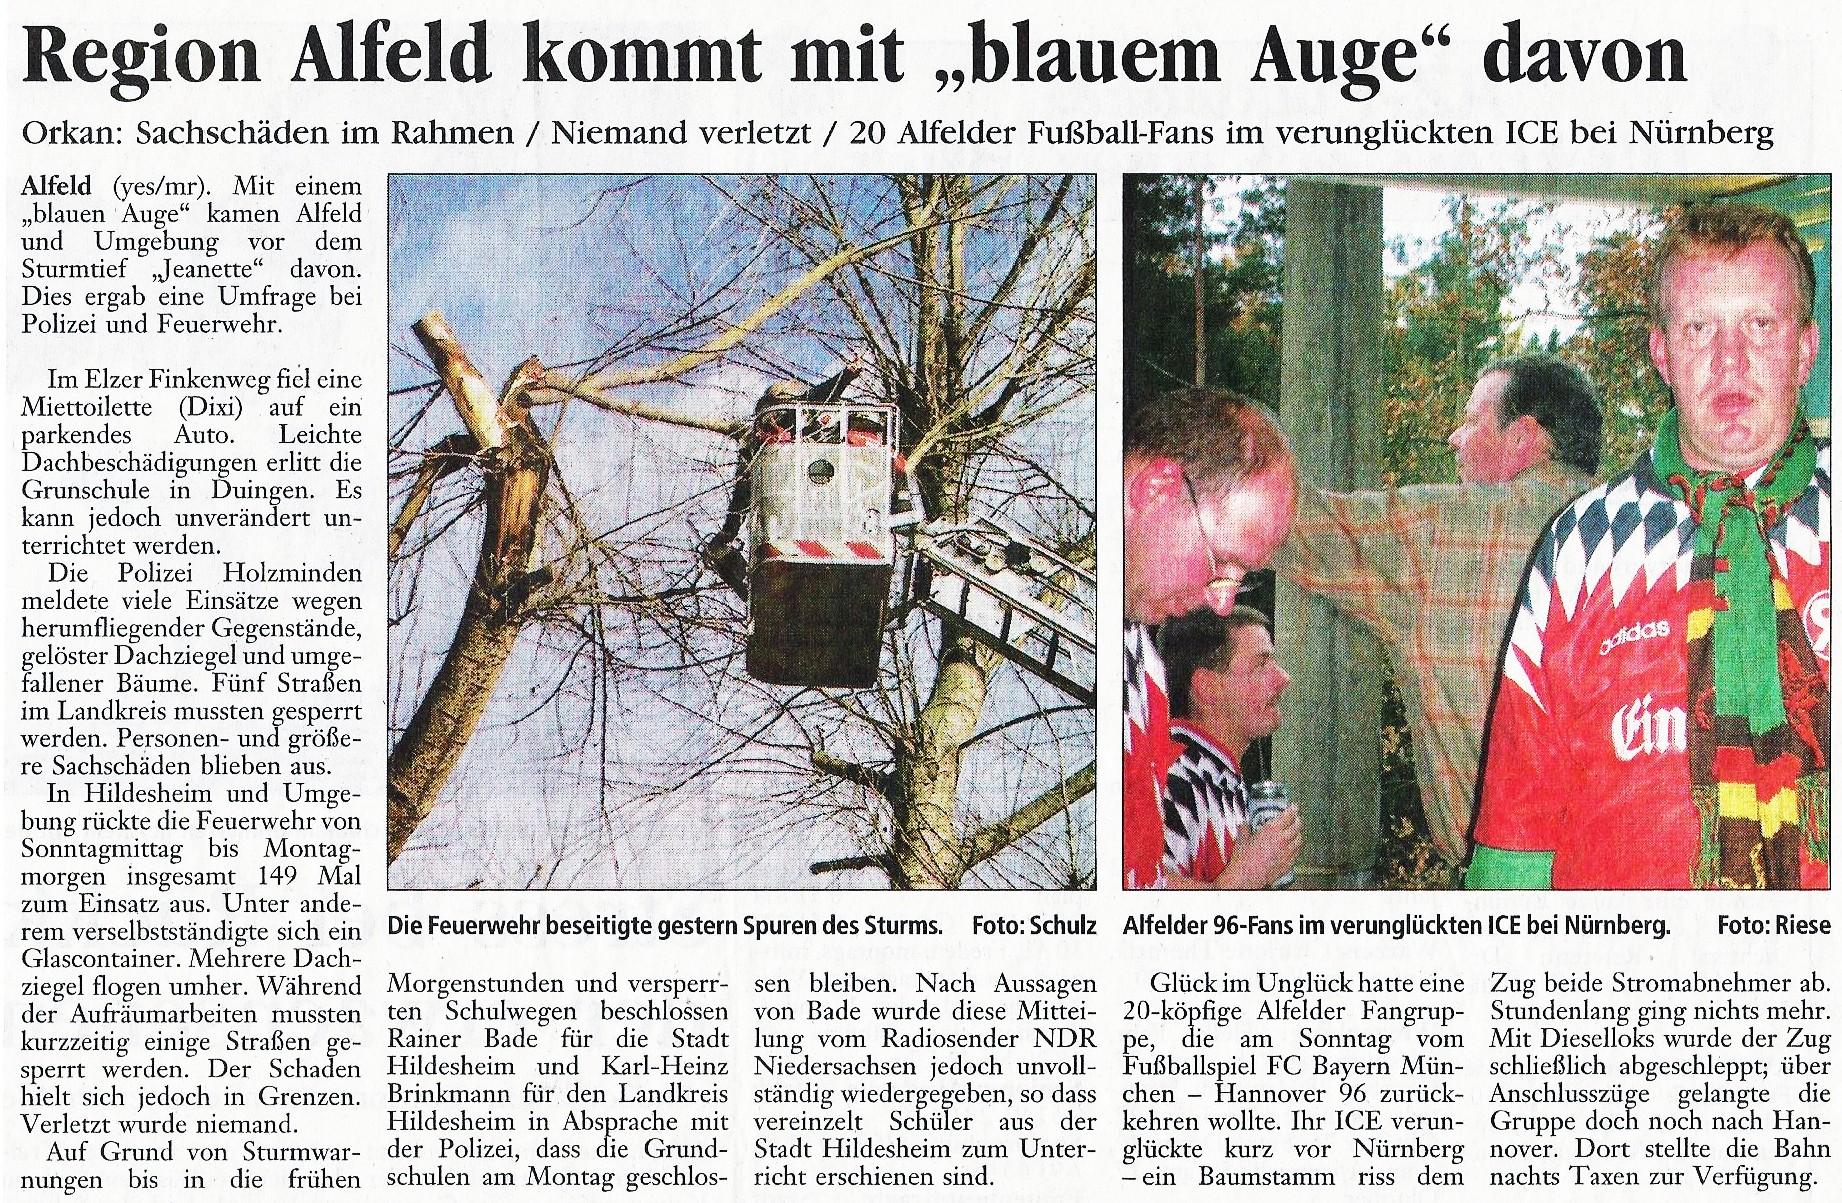 2002-10-29 Region Alfeld kommt mit blauem Auge davon